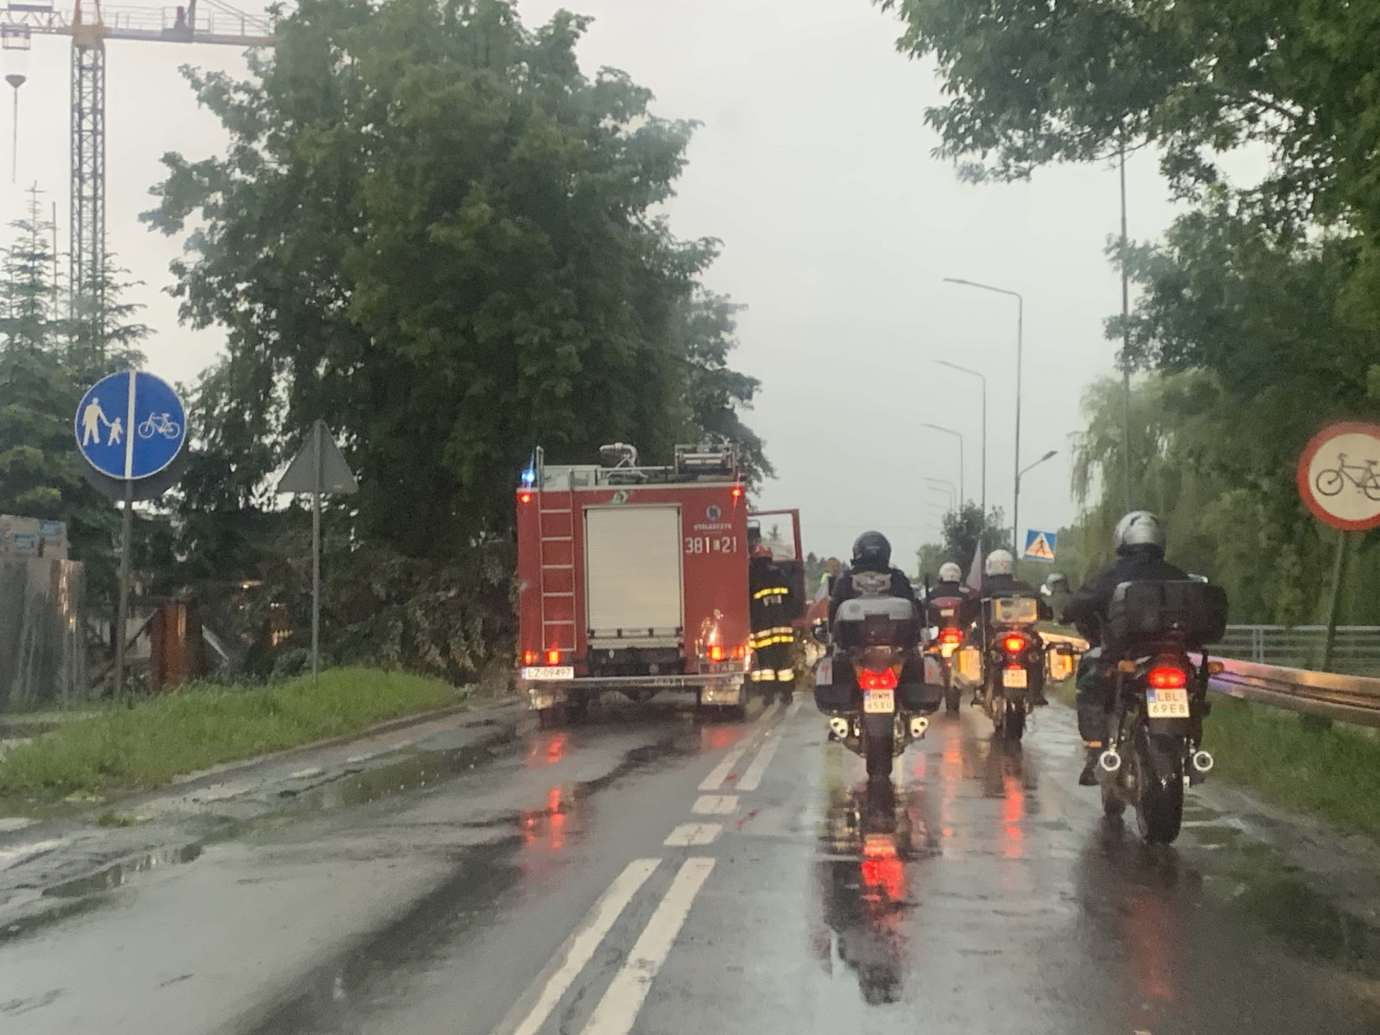 img 9538 3 uszkodzone auta na Królowej Jadwigi, powalone drzewa. Kolejne zdjęcia i FILM